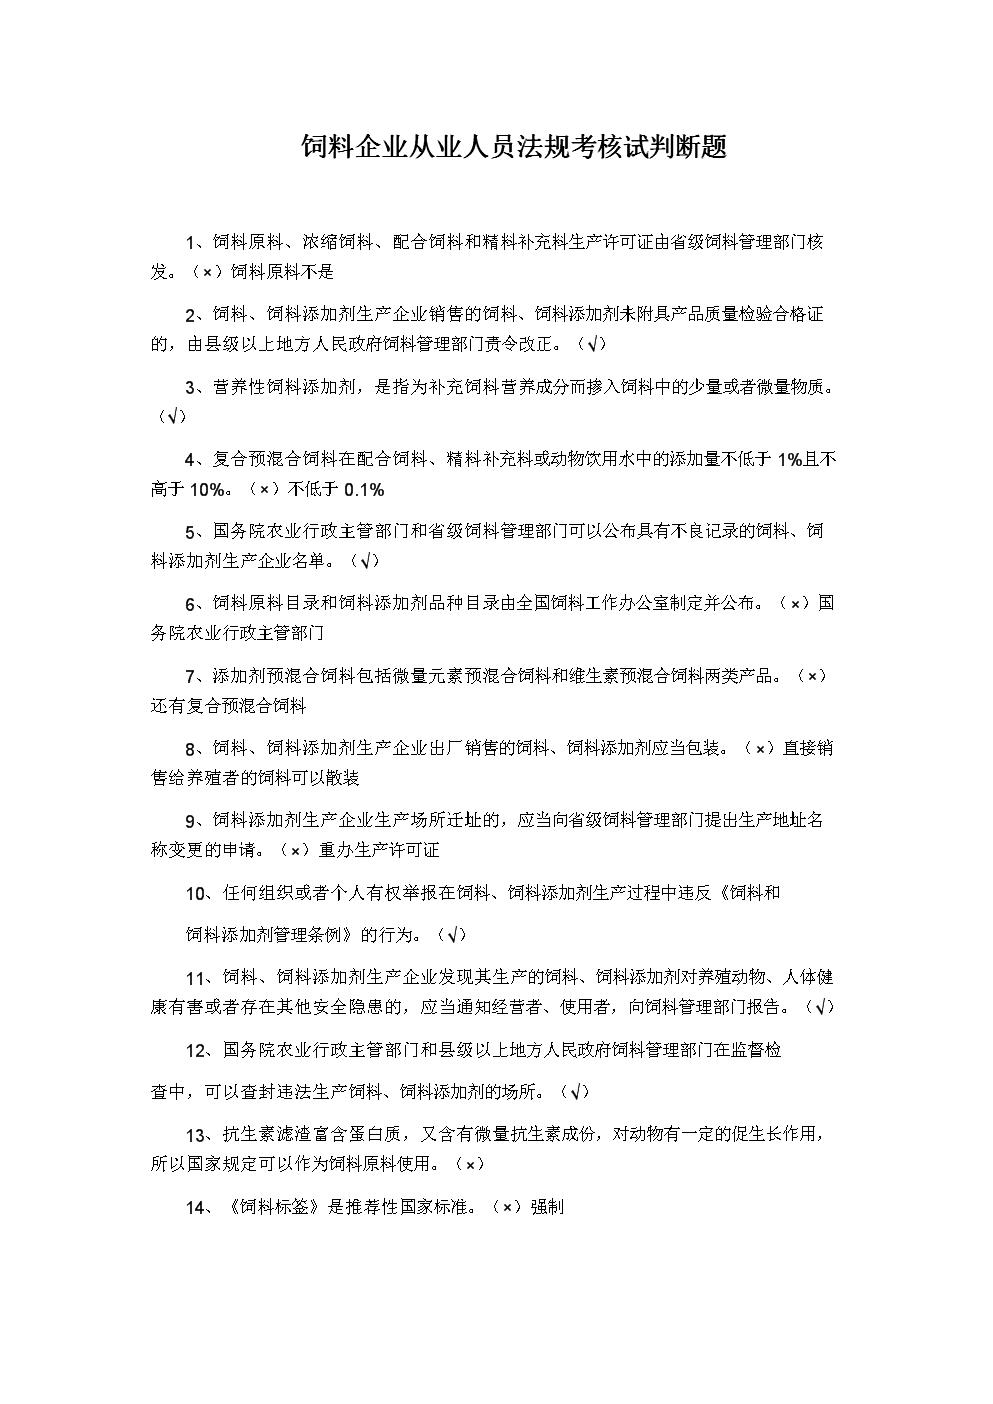 饲料企业从业人员法规考核试判断题.docx